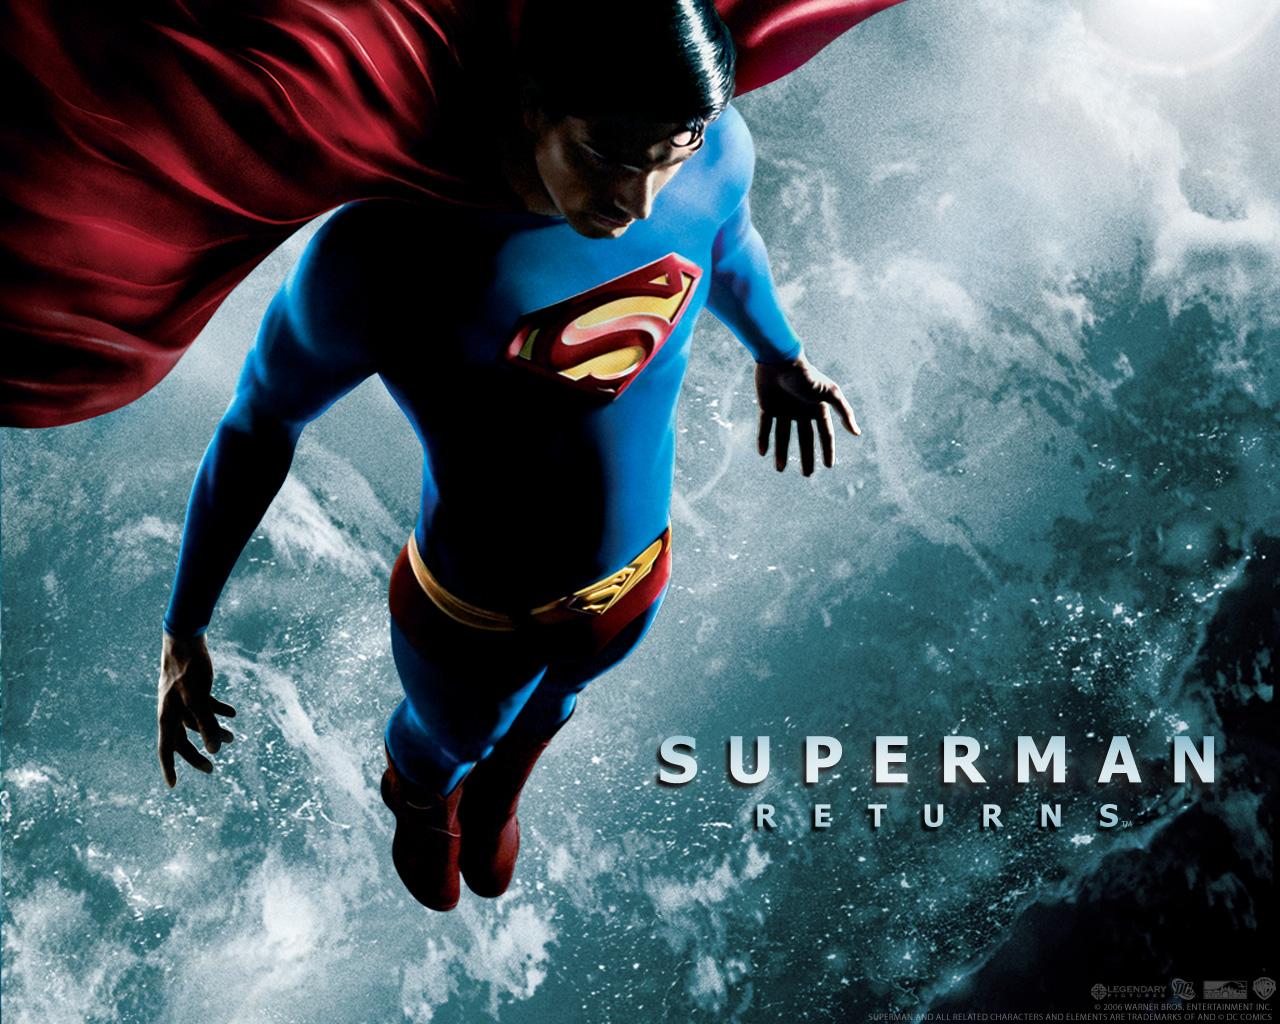 Cool Superman Return Wallpaper is a hi res Wallpaper for pc 1280x1024